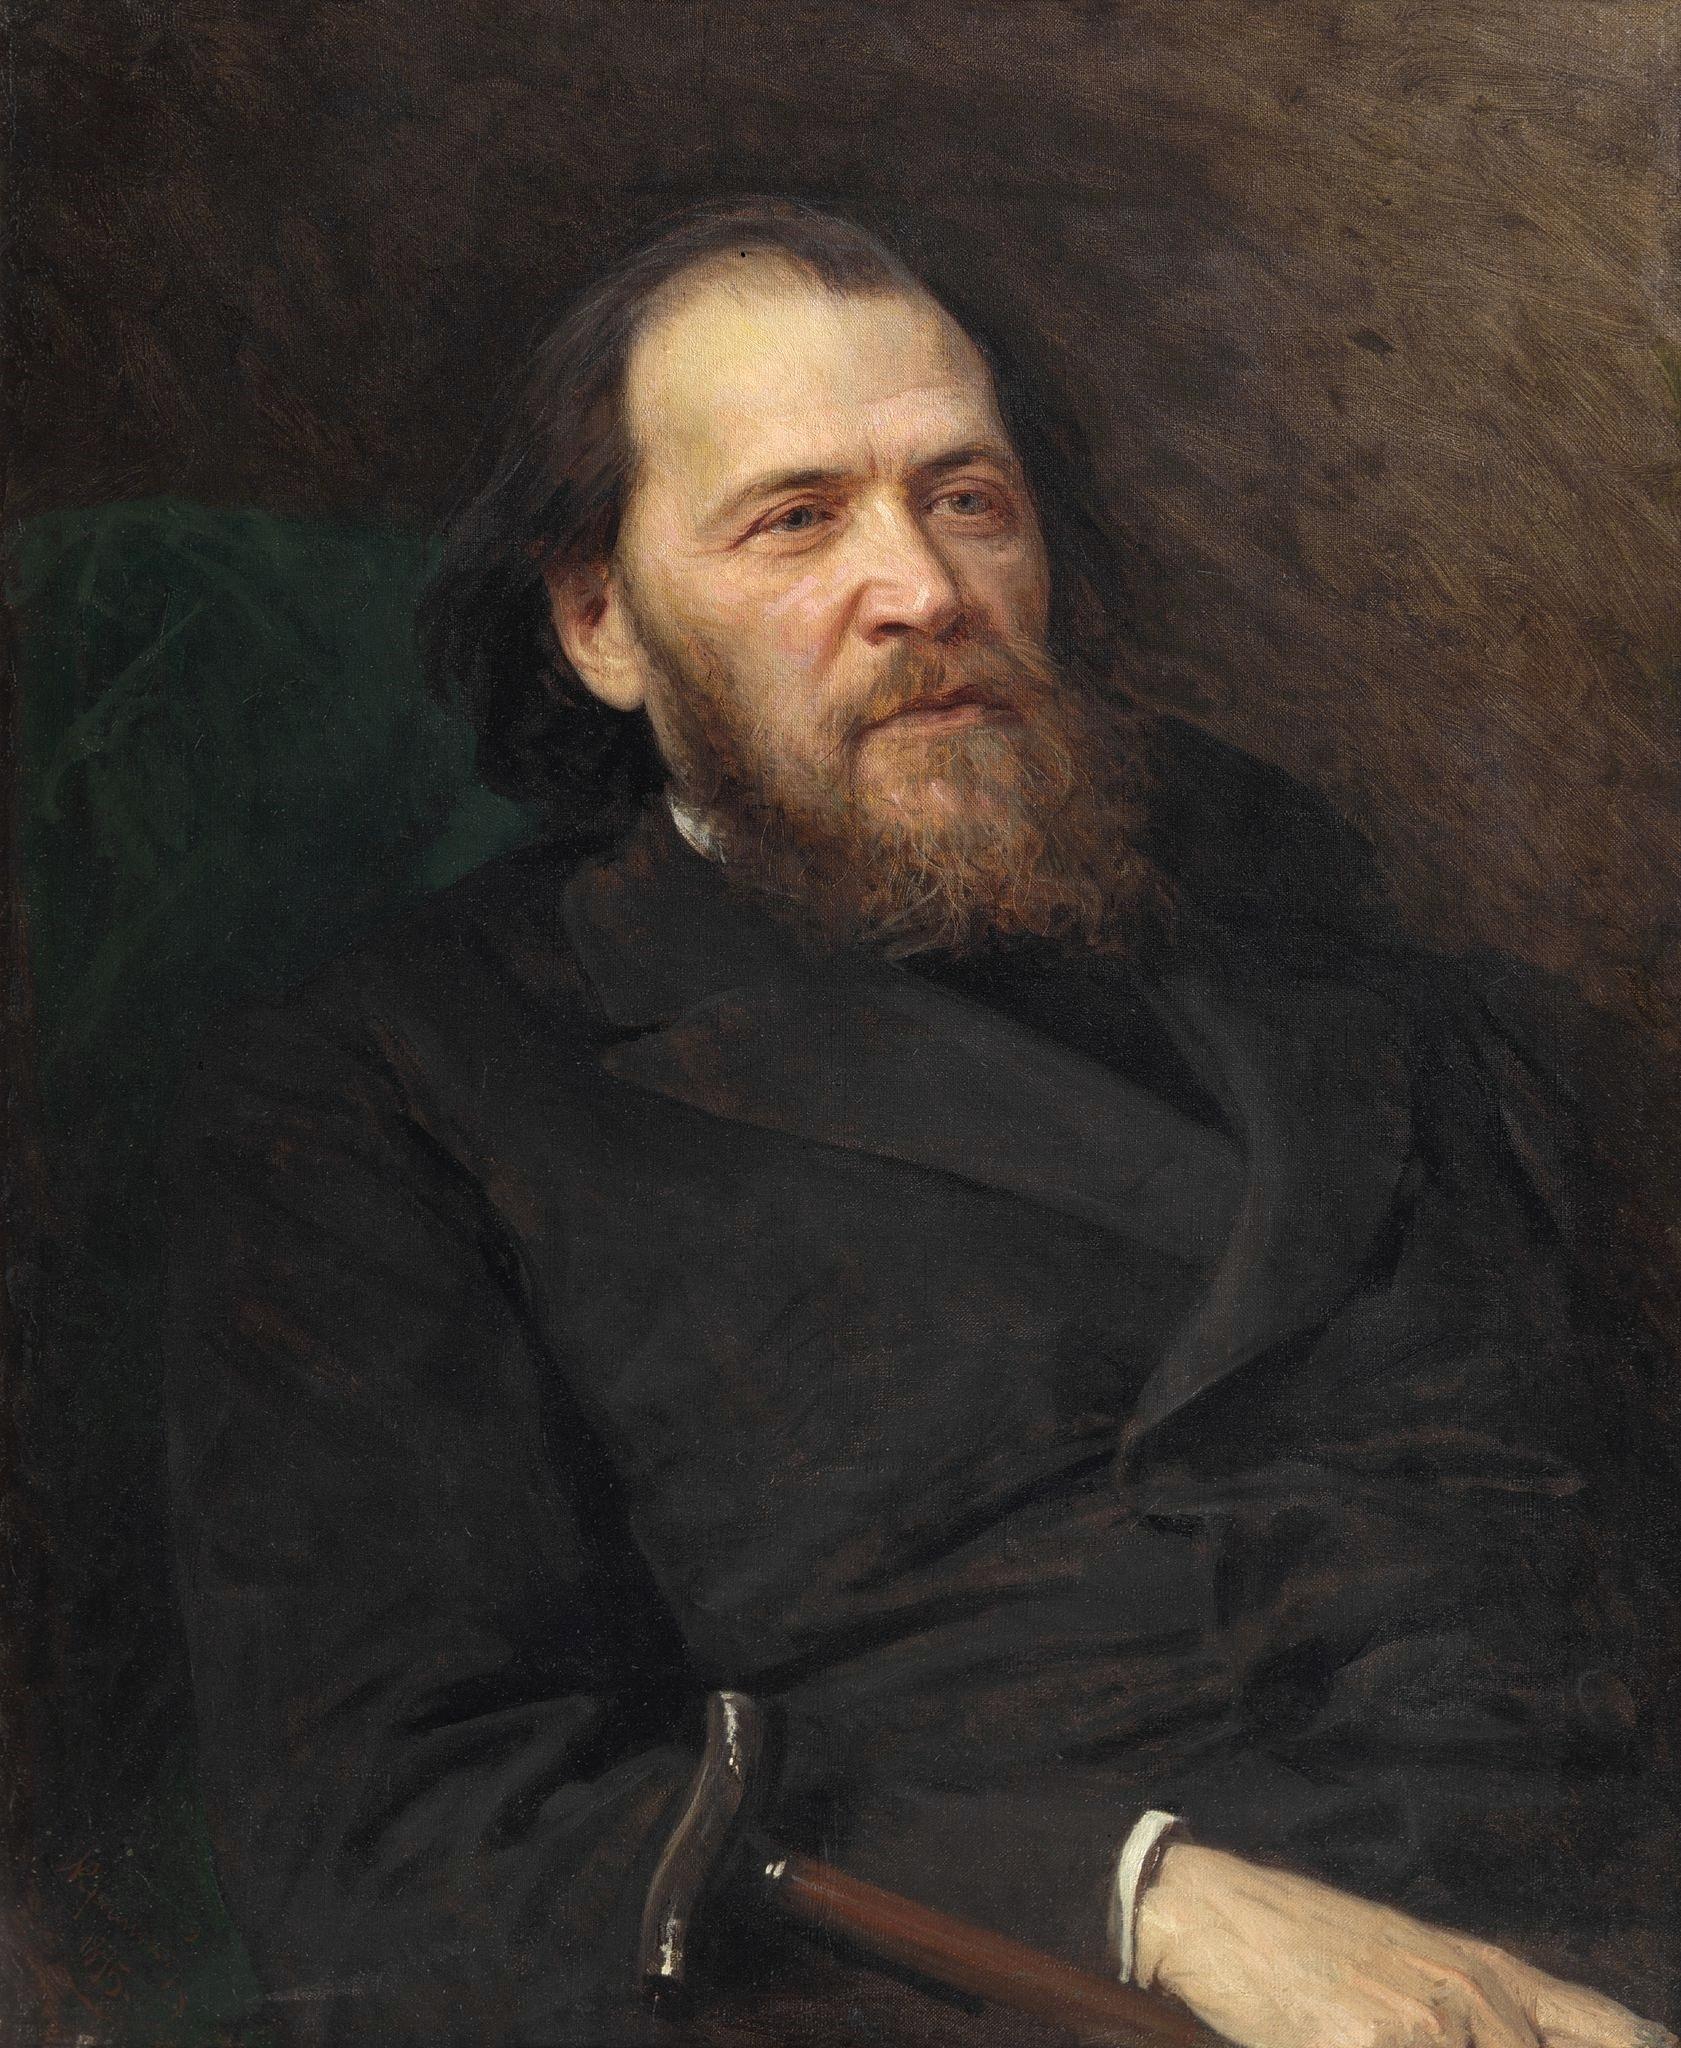 Яков Петрович Полонский